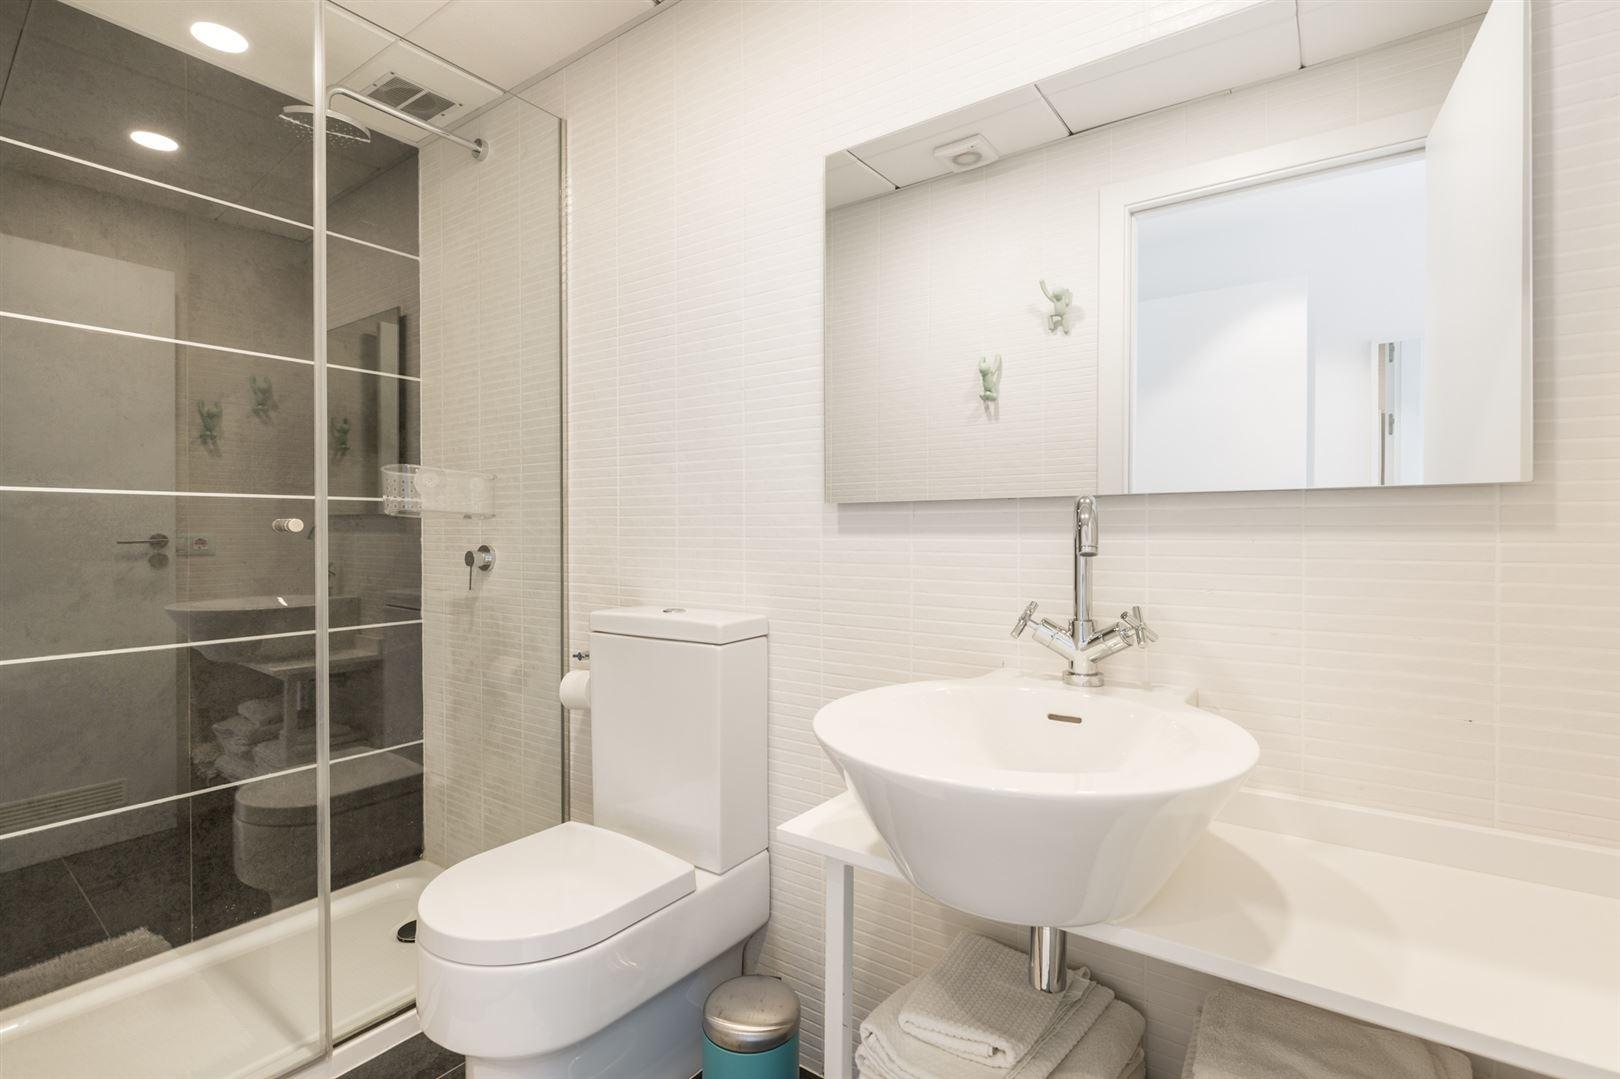 Foto 9 : Appartement te 38632 PALM MAR (Spanje) - Prijs € 325.000